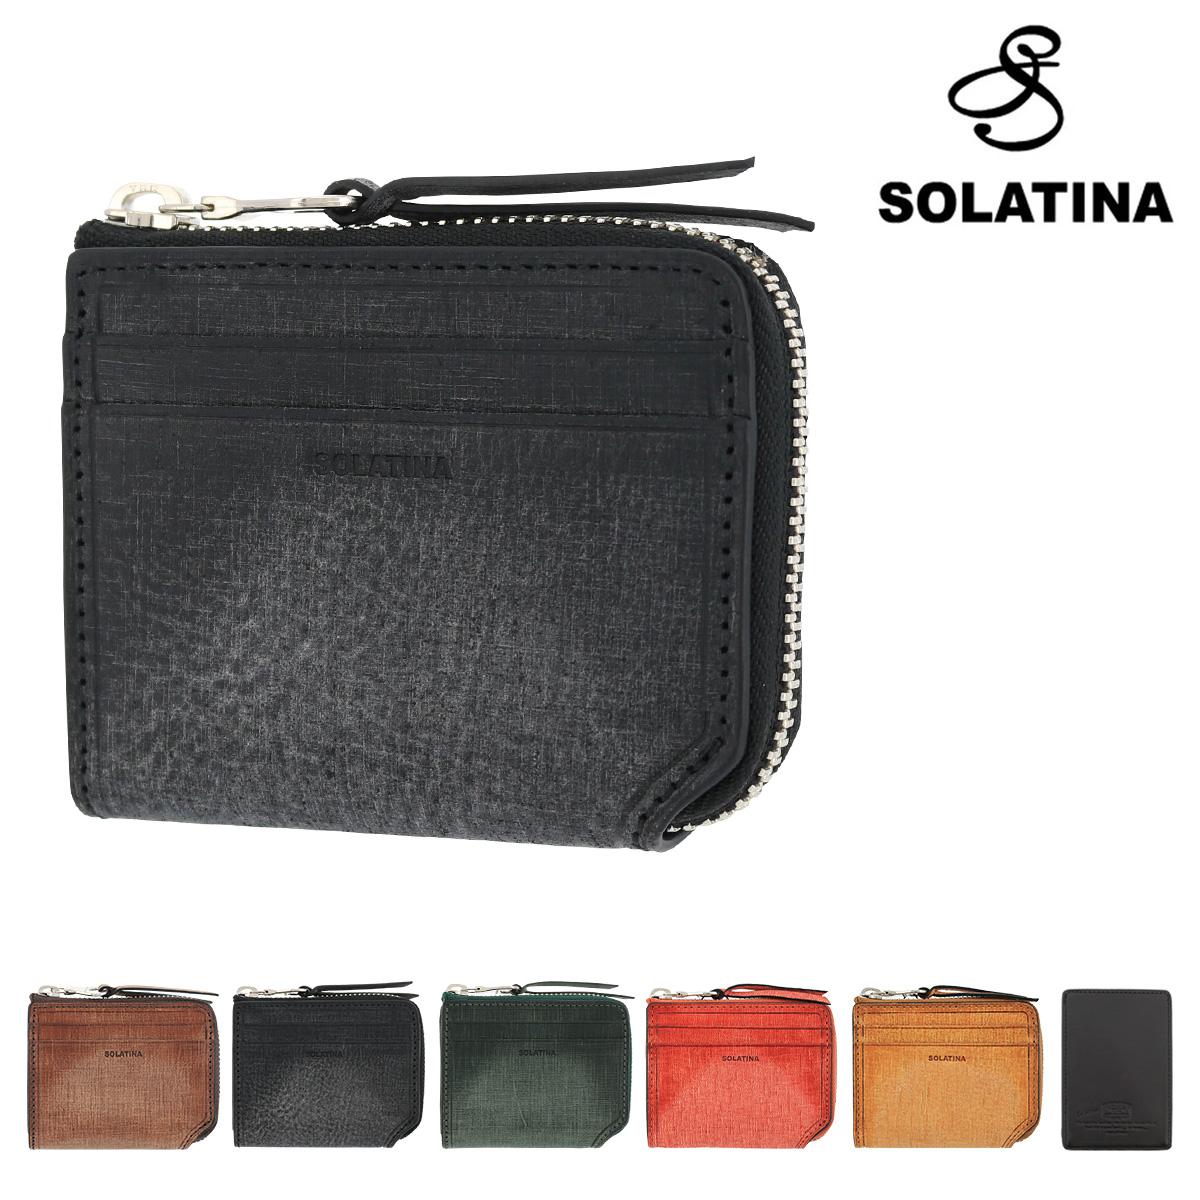 ソラチナ 財布 小銭入れ バベル メンズ SW-70015 SOLATINA | コインケース 本革 イタリアンレザー カーフ パスケース付 [bef][PO10]